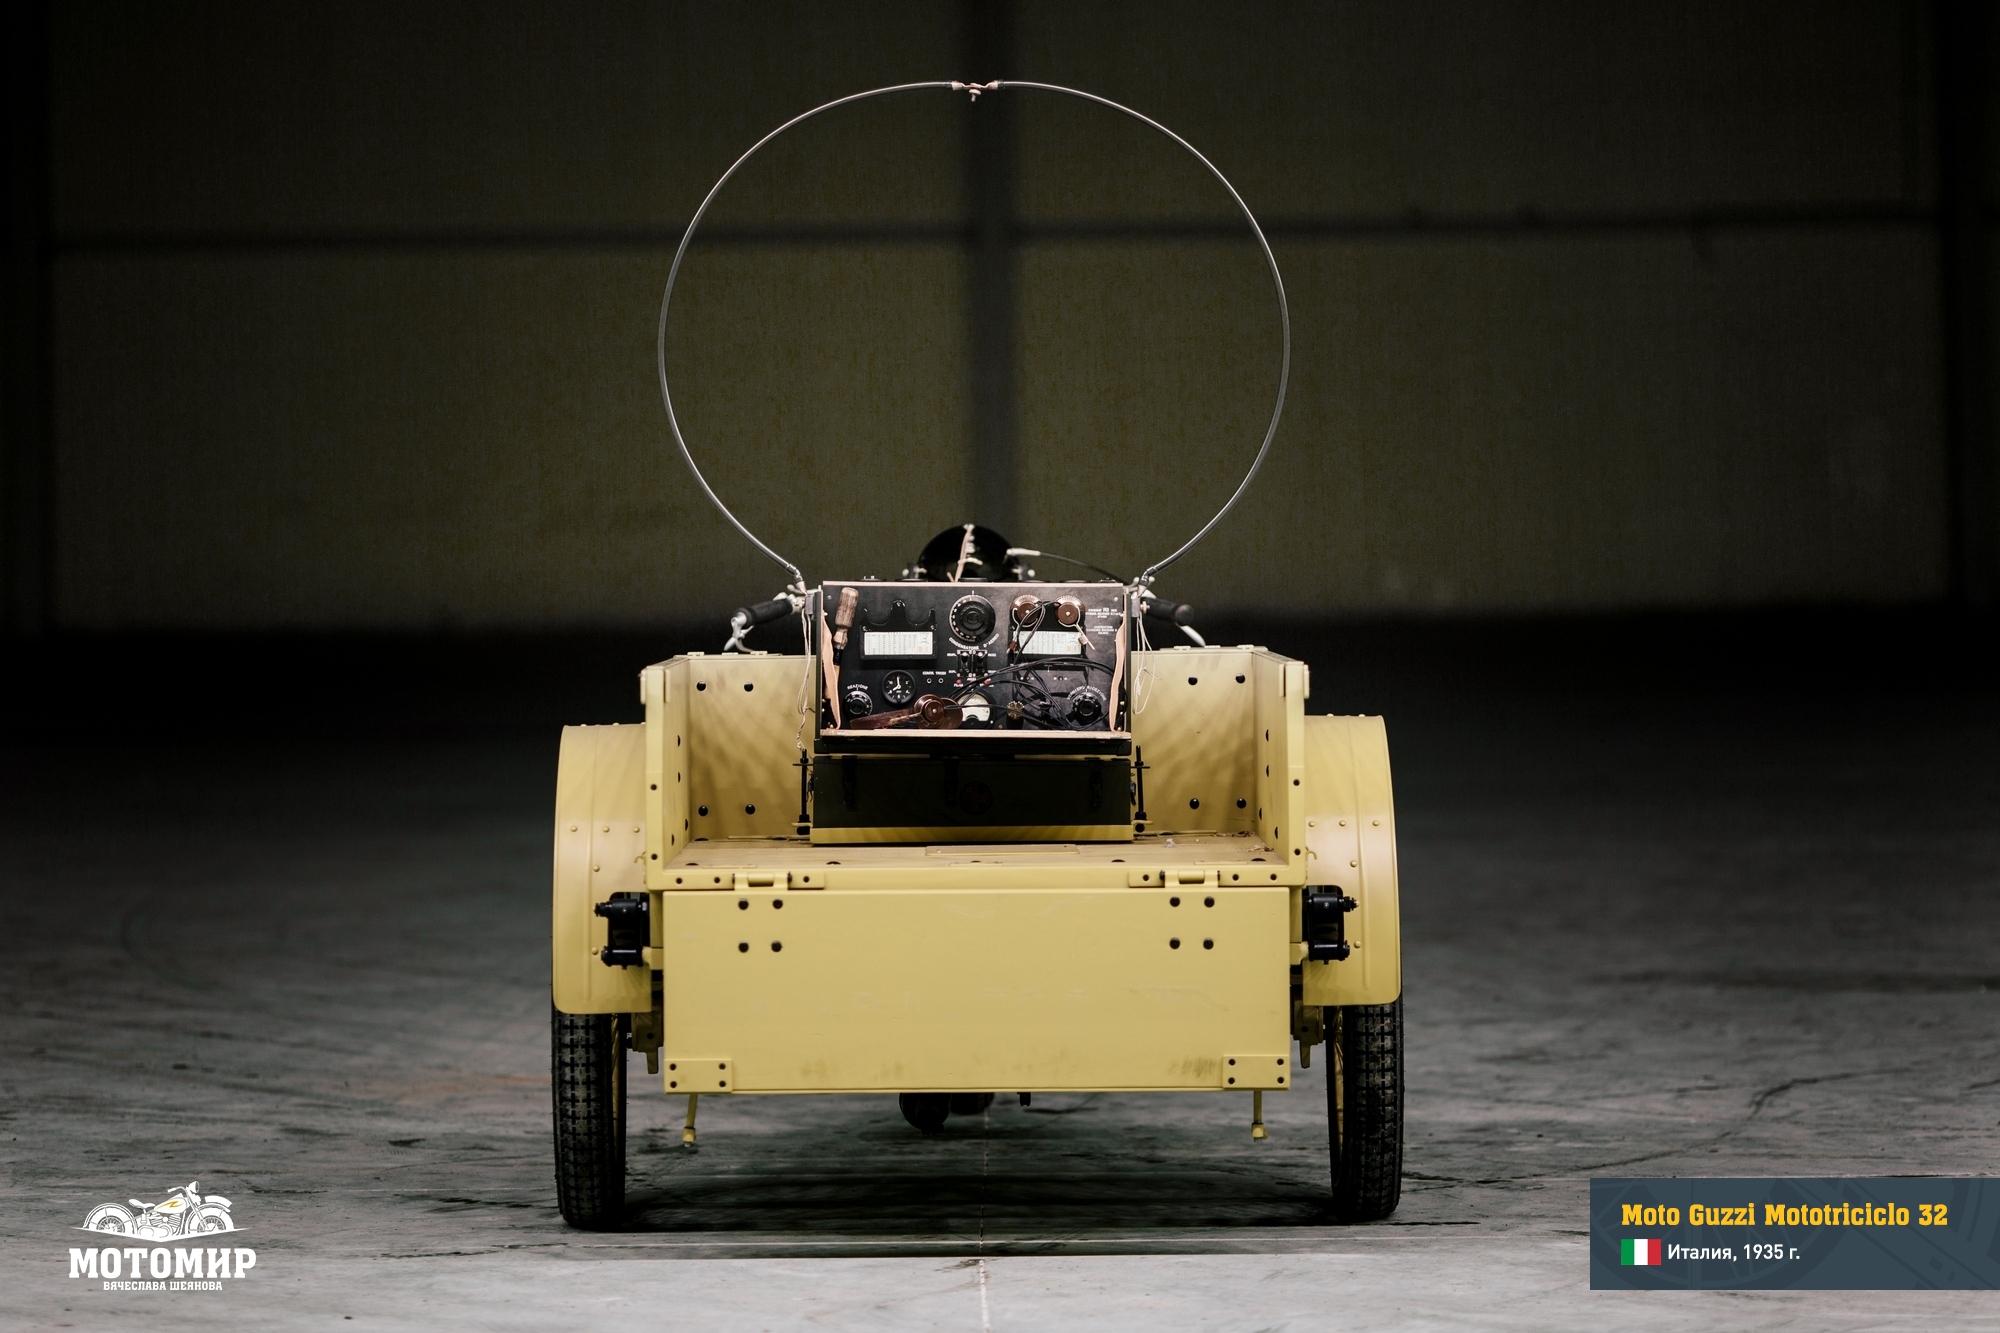 moto-guzzi-mototriciclo-32-web-08